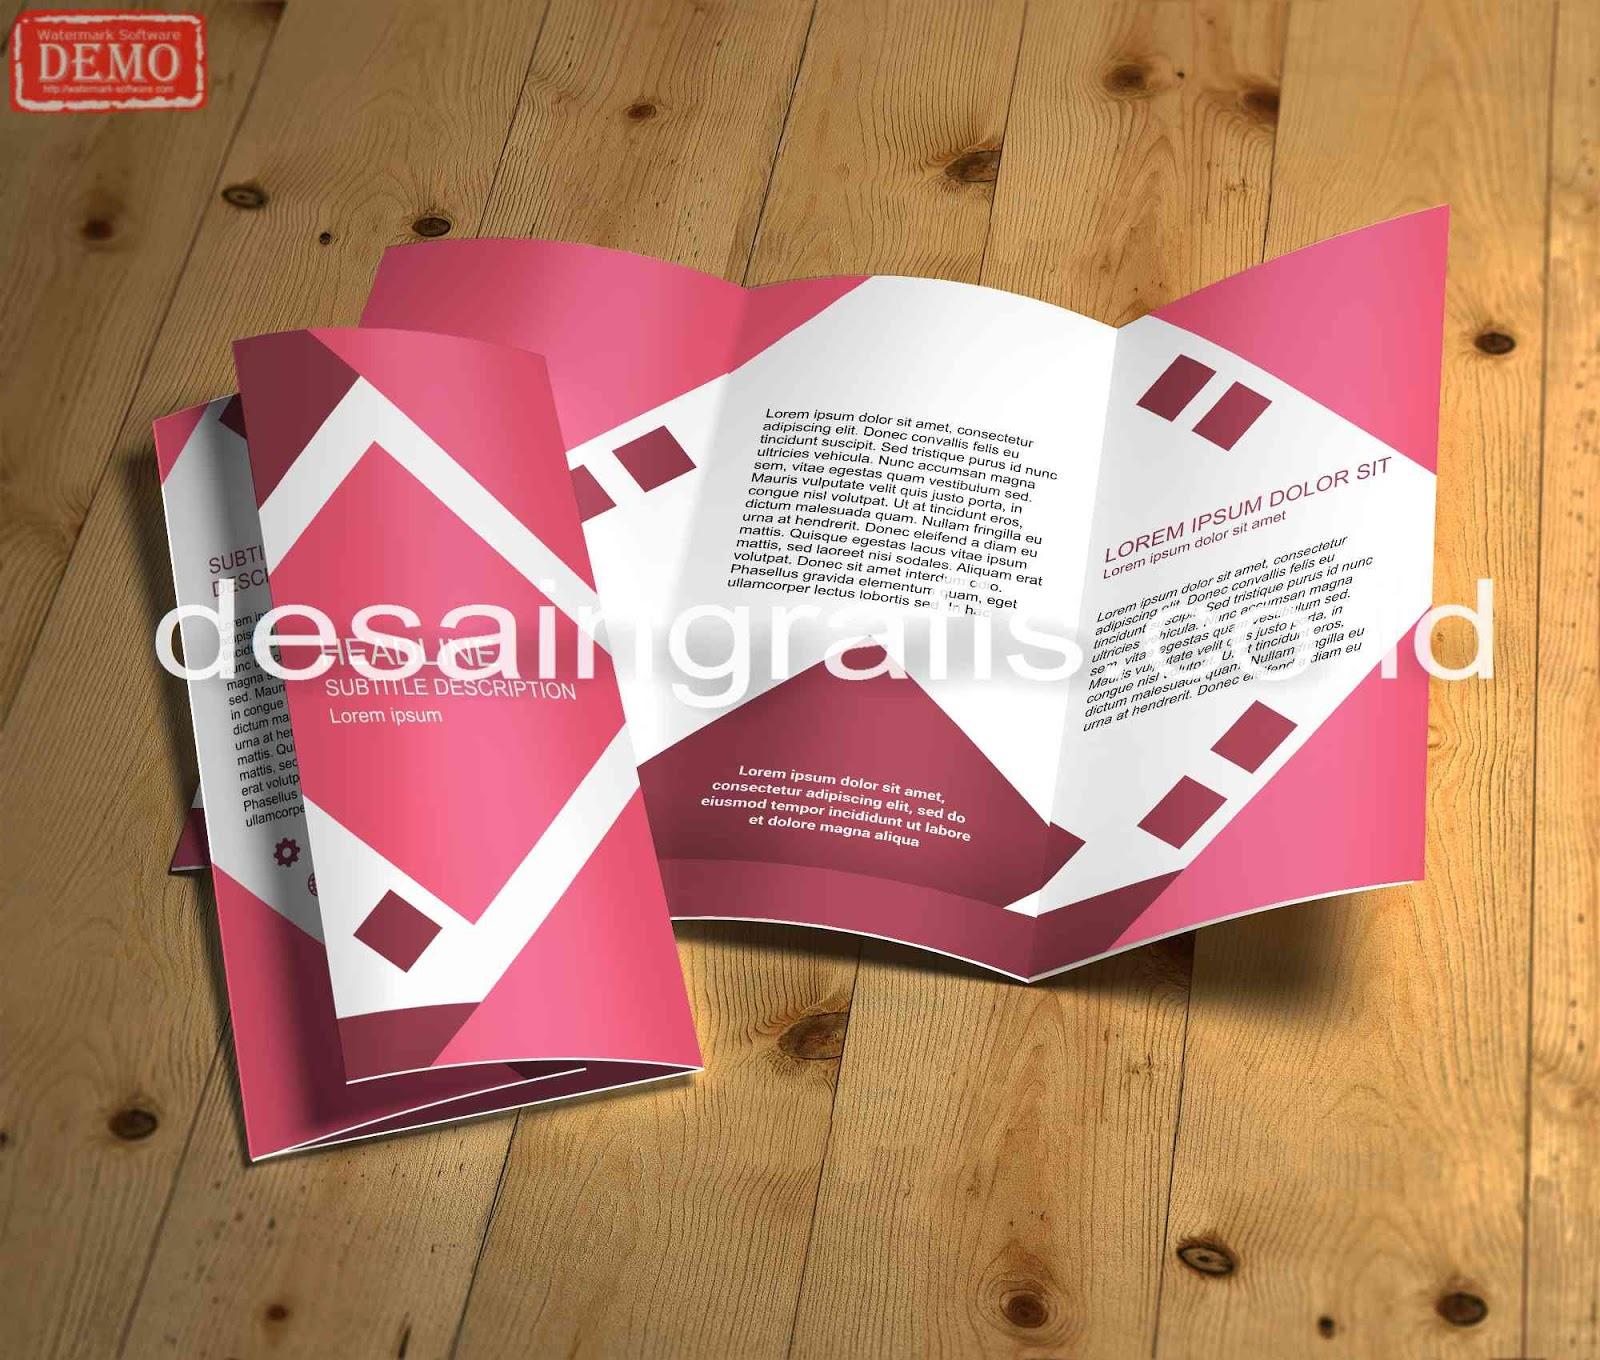 Koleksi Desain Grafis Template Nota Siap Edit Format Cdr Tambahkan Brosur Untuk Usaha Percetakan Anda Segera Dengan Karya Terbaik Pilihan 3lipat Maka Bisnis Akan